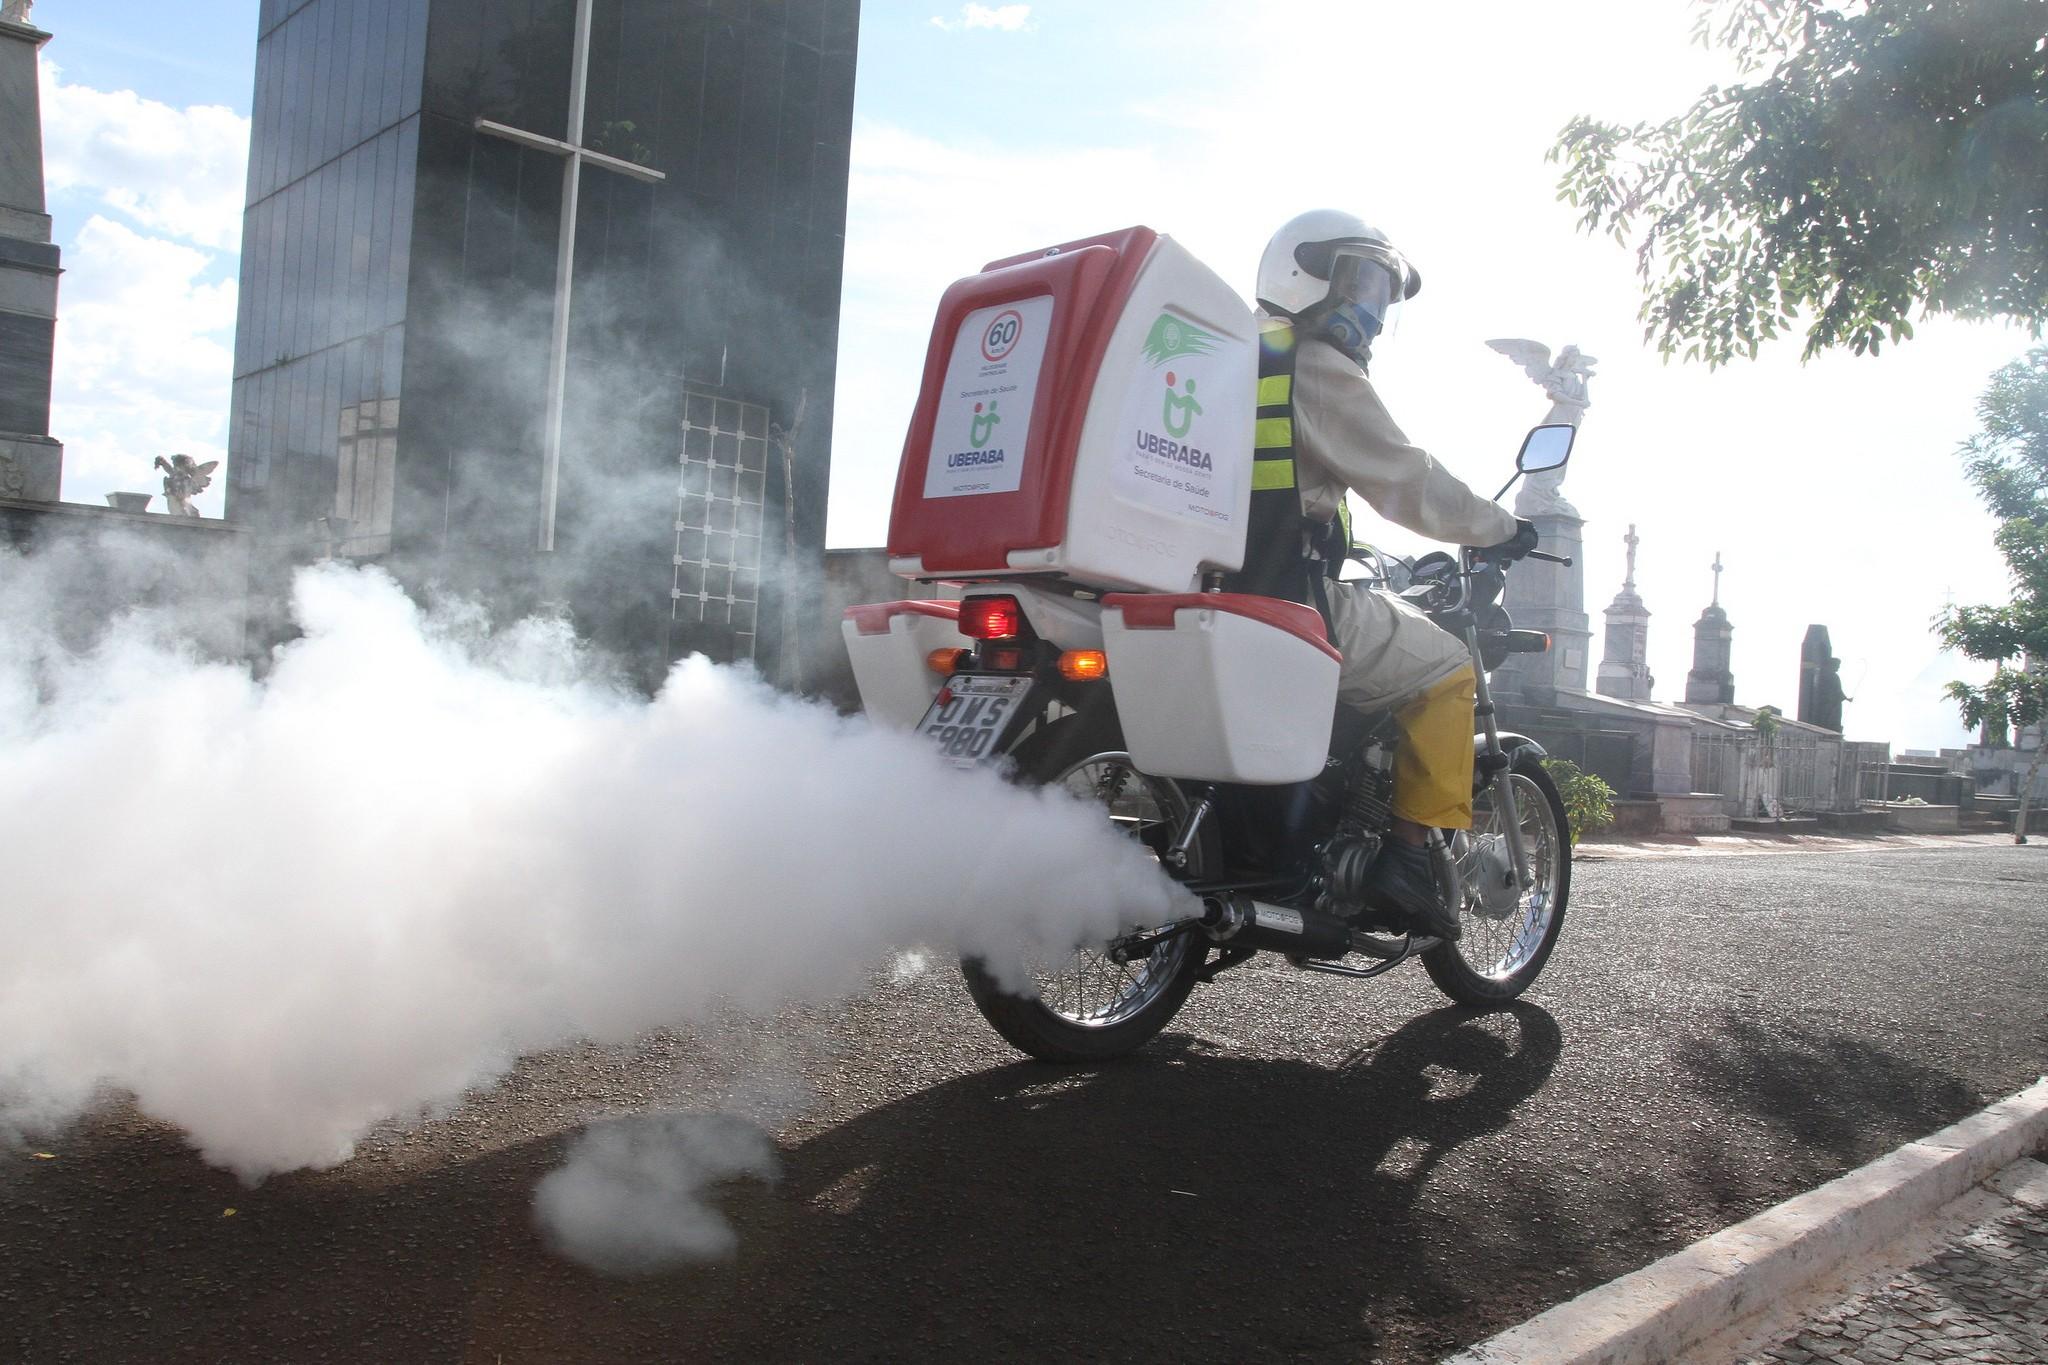 Motofogs percorrem regiões próximas a unidades de saúde em Uberaba